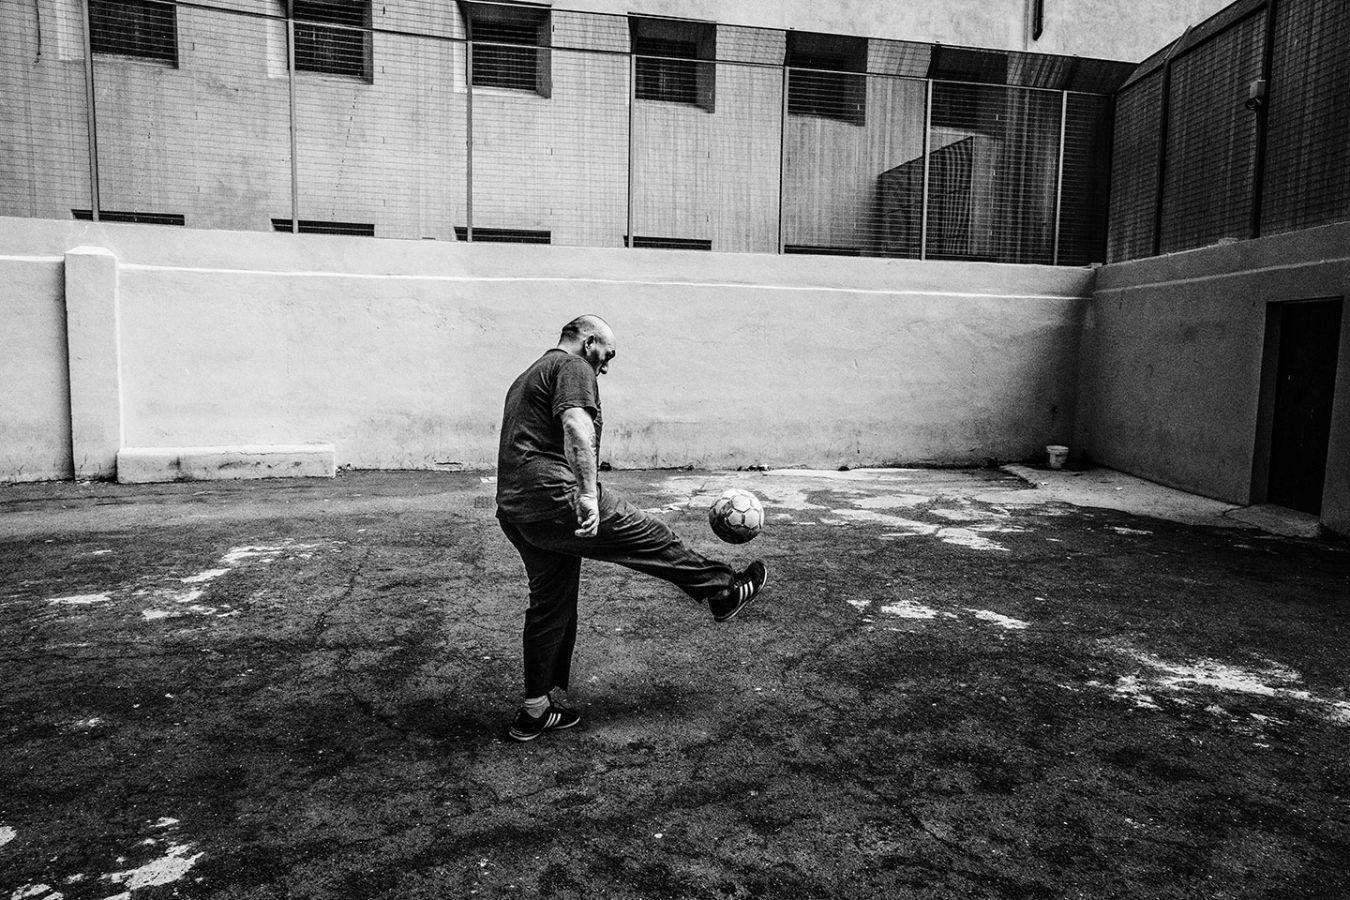 Просто мяч в римской тюрьме Регина Коэли, 11 июля 2019 года.